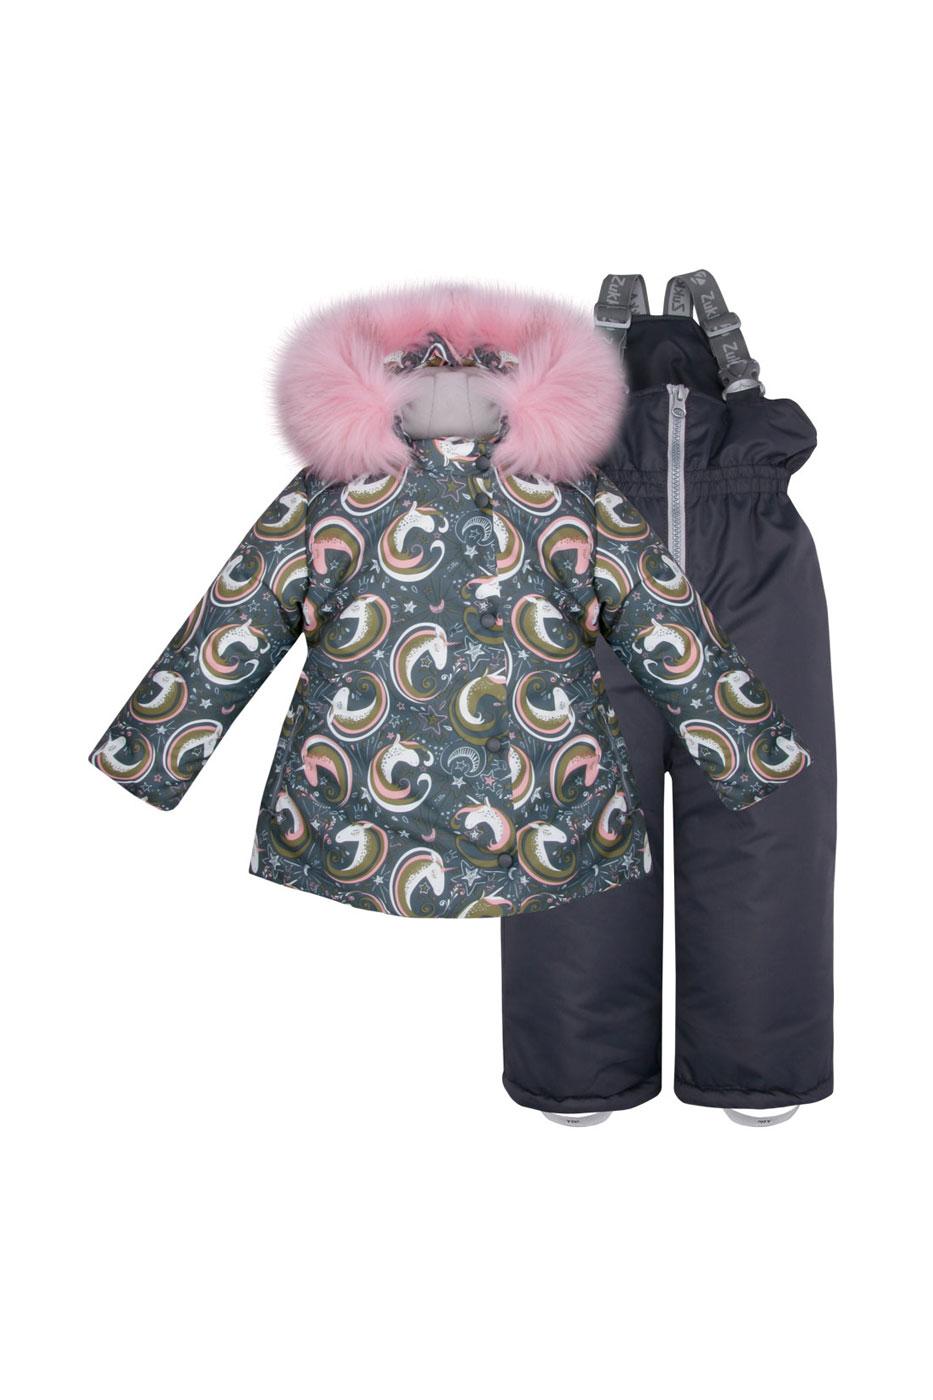 Комплект верхней одежды Zukka, цв. серый; розовый р. 98 фото